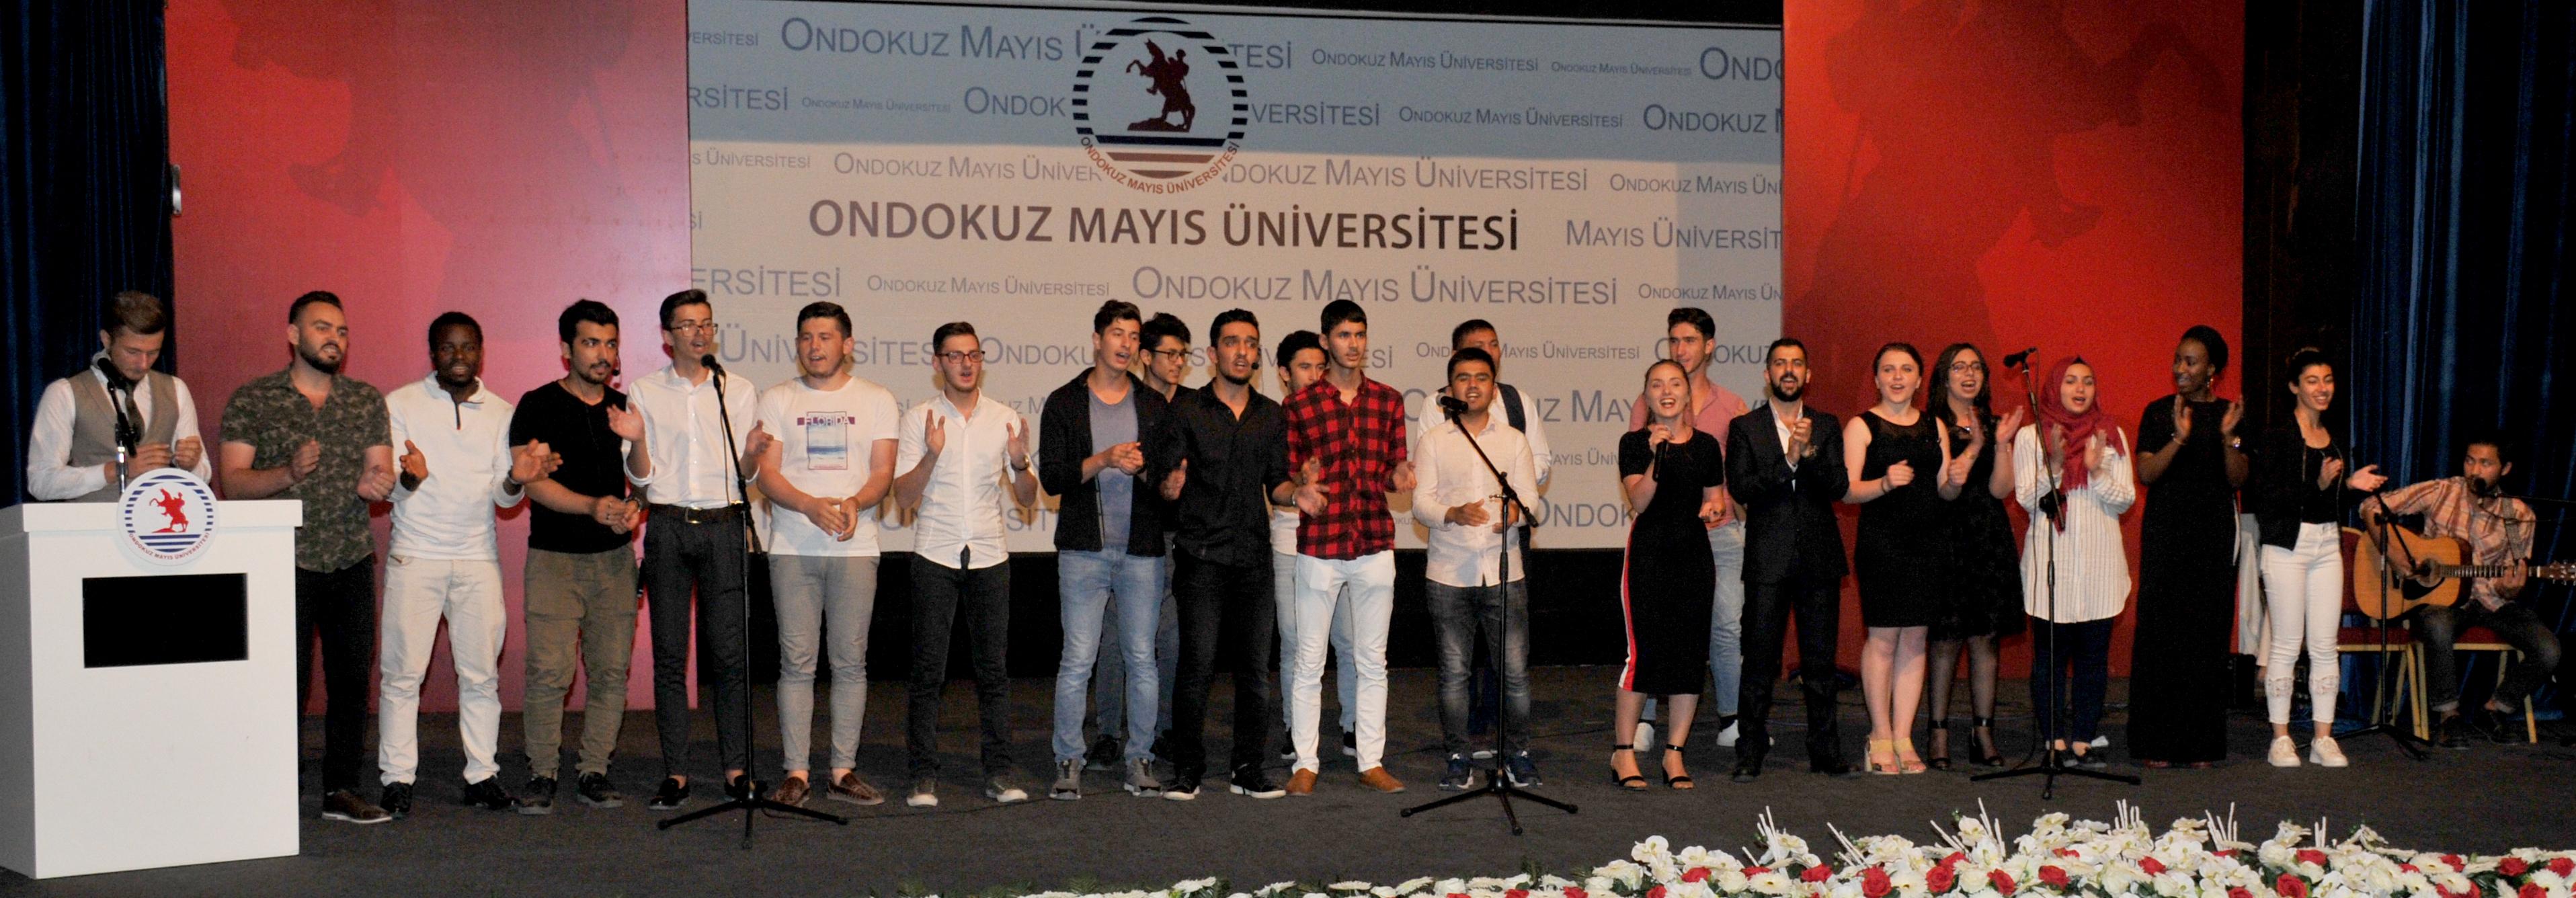 http://www.omu.edu.tr/sites/default/files/files/uluslararasi_ogrencilerle_turkce_soleni/dsc_0809.jpg